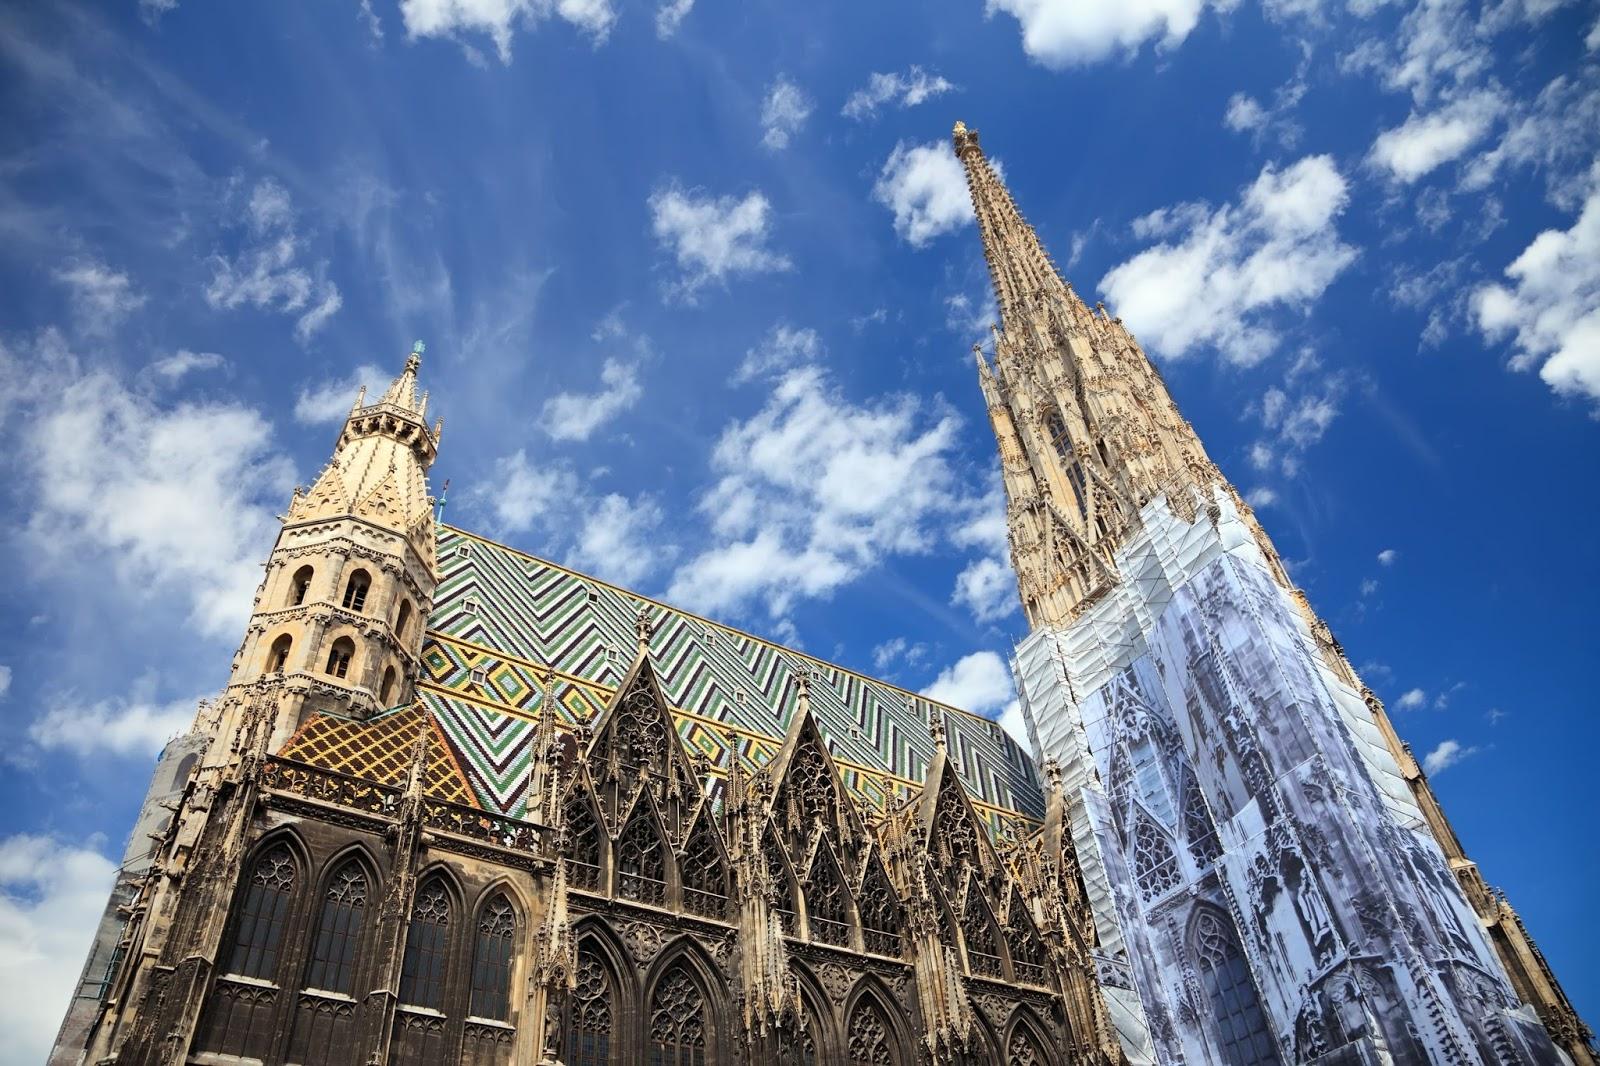 Wame Time Wisata Ke Vienna Untuk Menghabiskan Liburan Musim